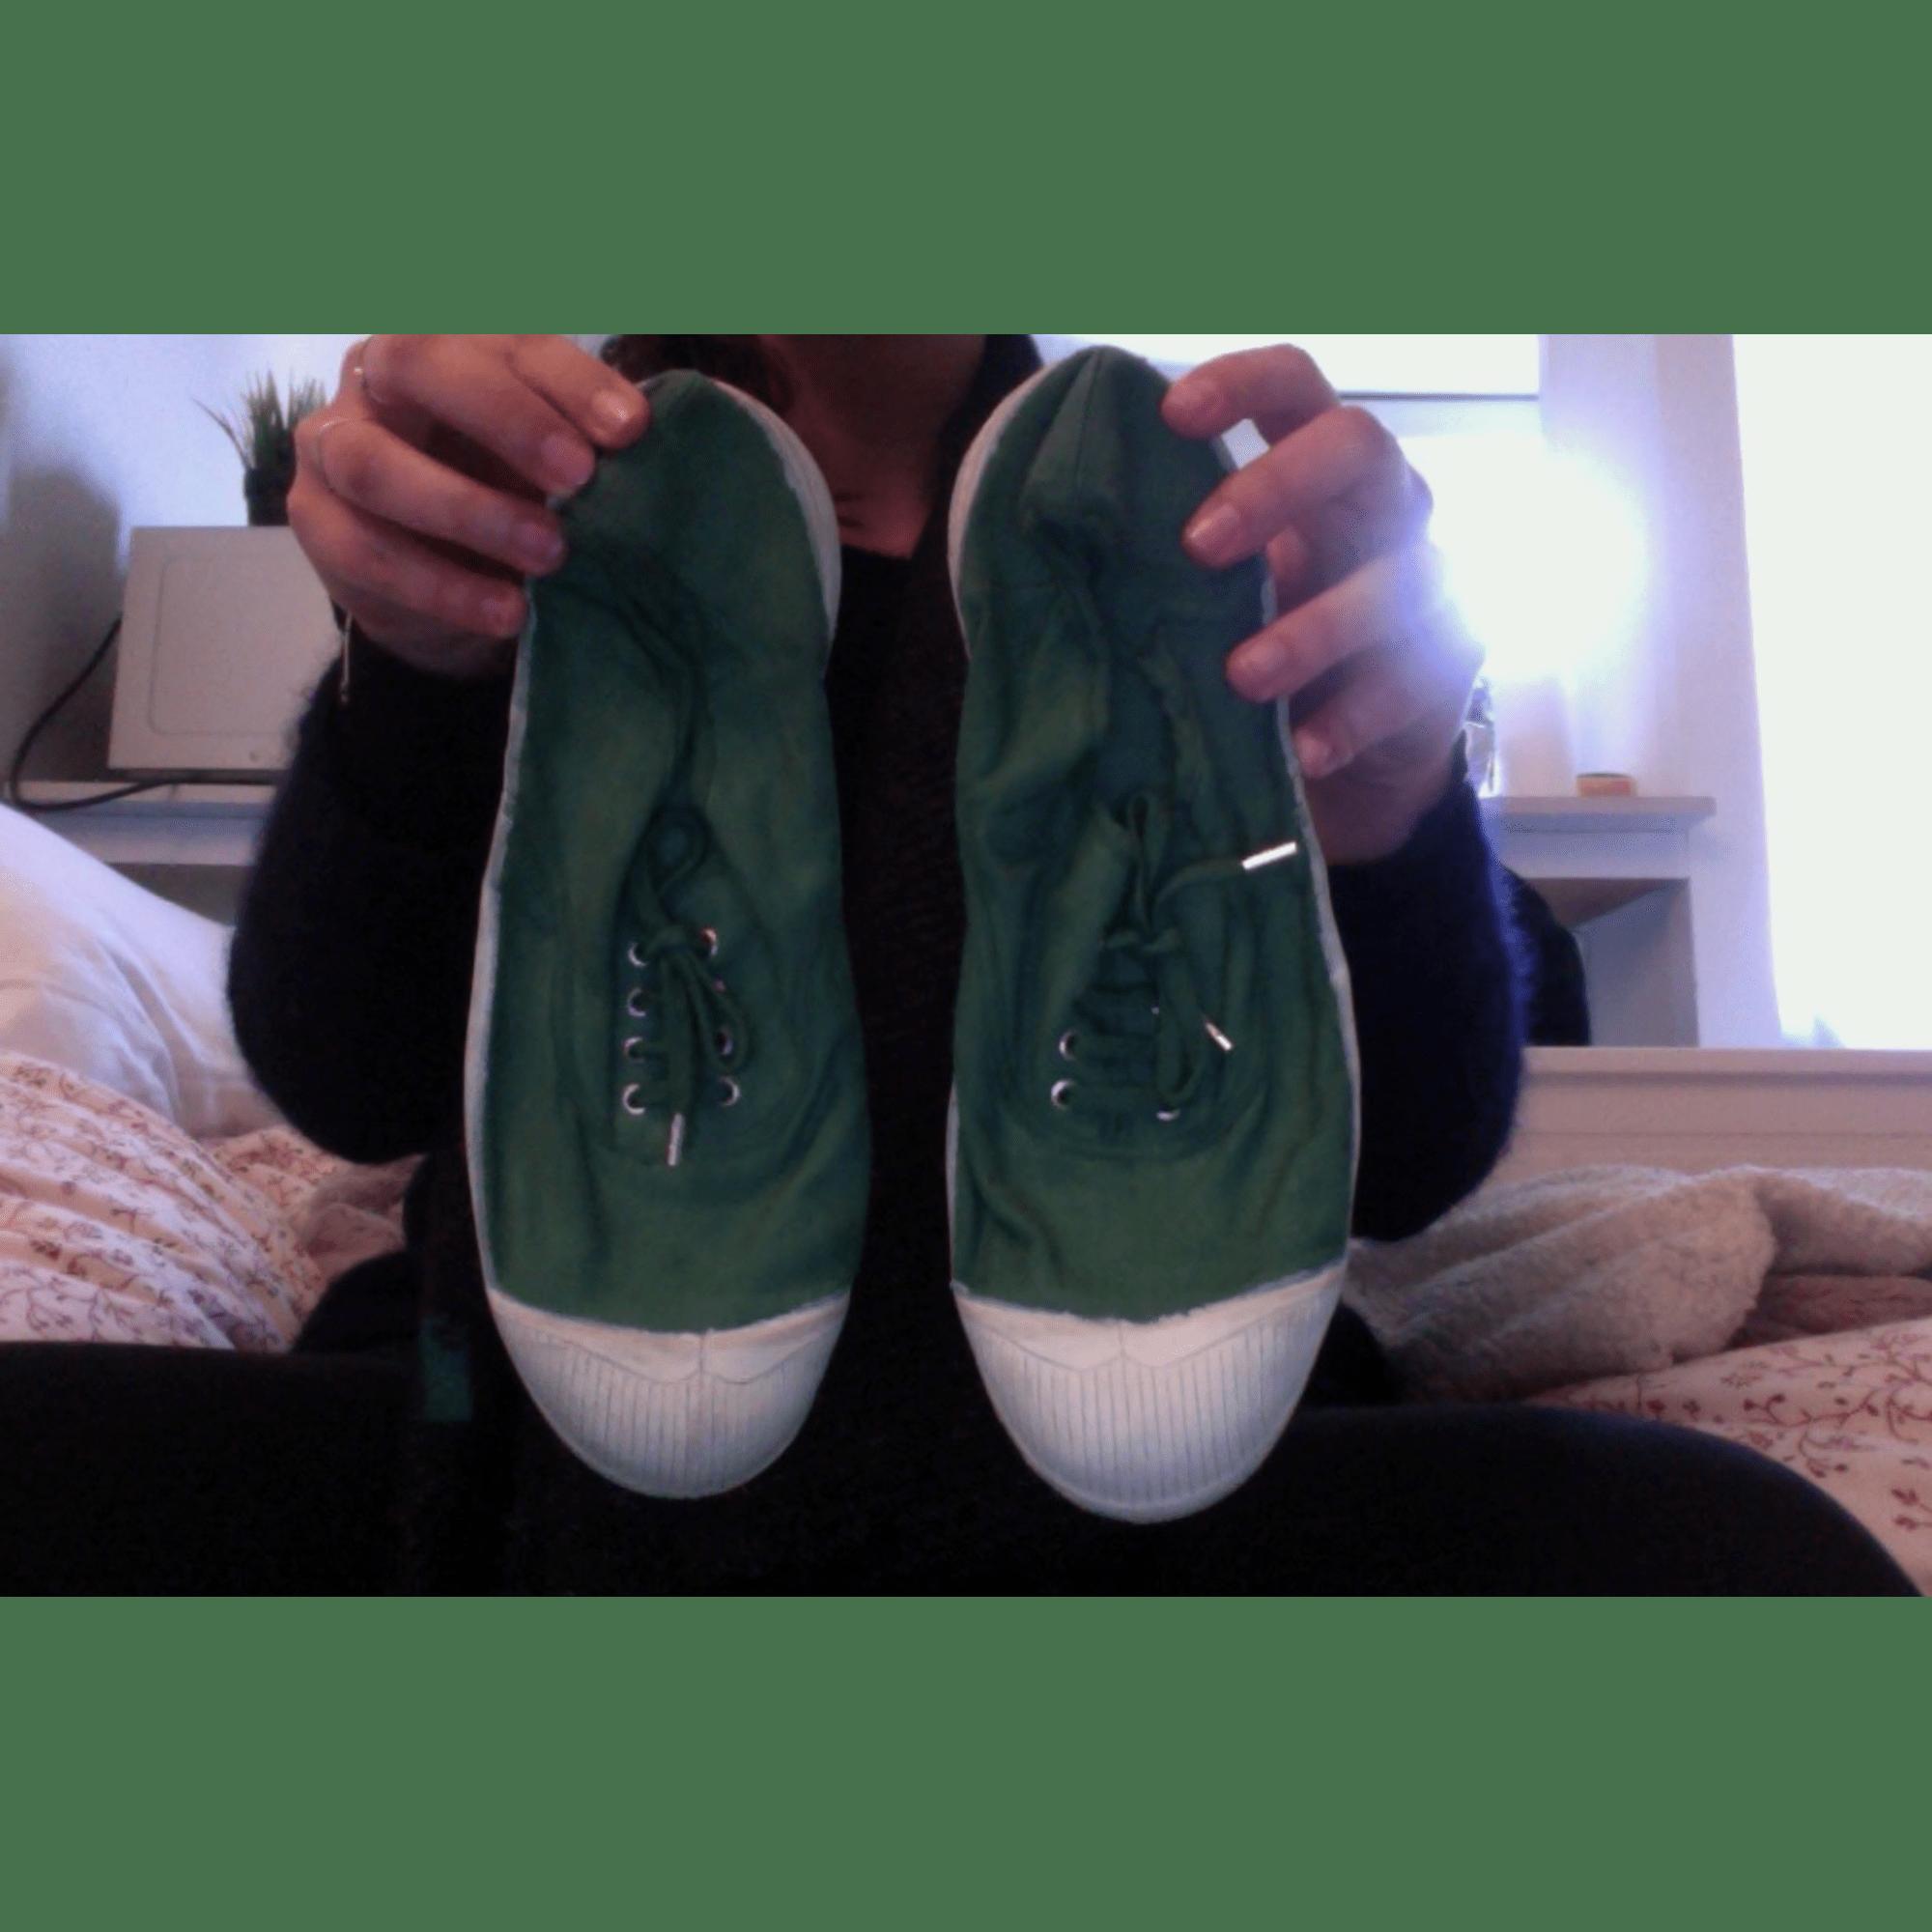 c9e19775800488 Chaussures à lacets BENSIMON 40 vert - 7453891